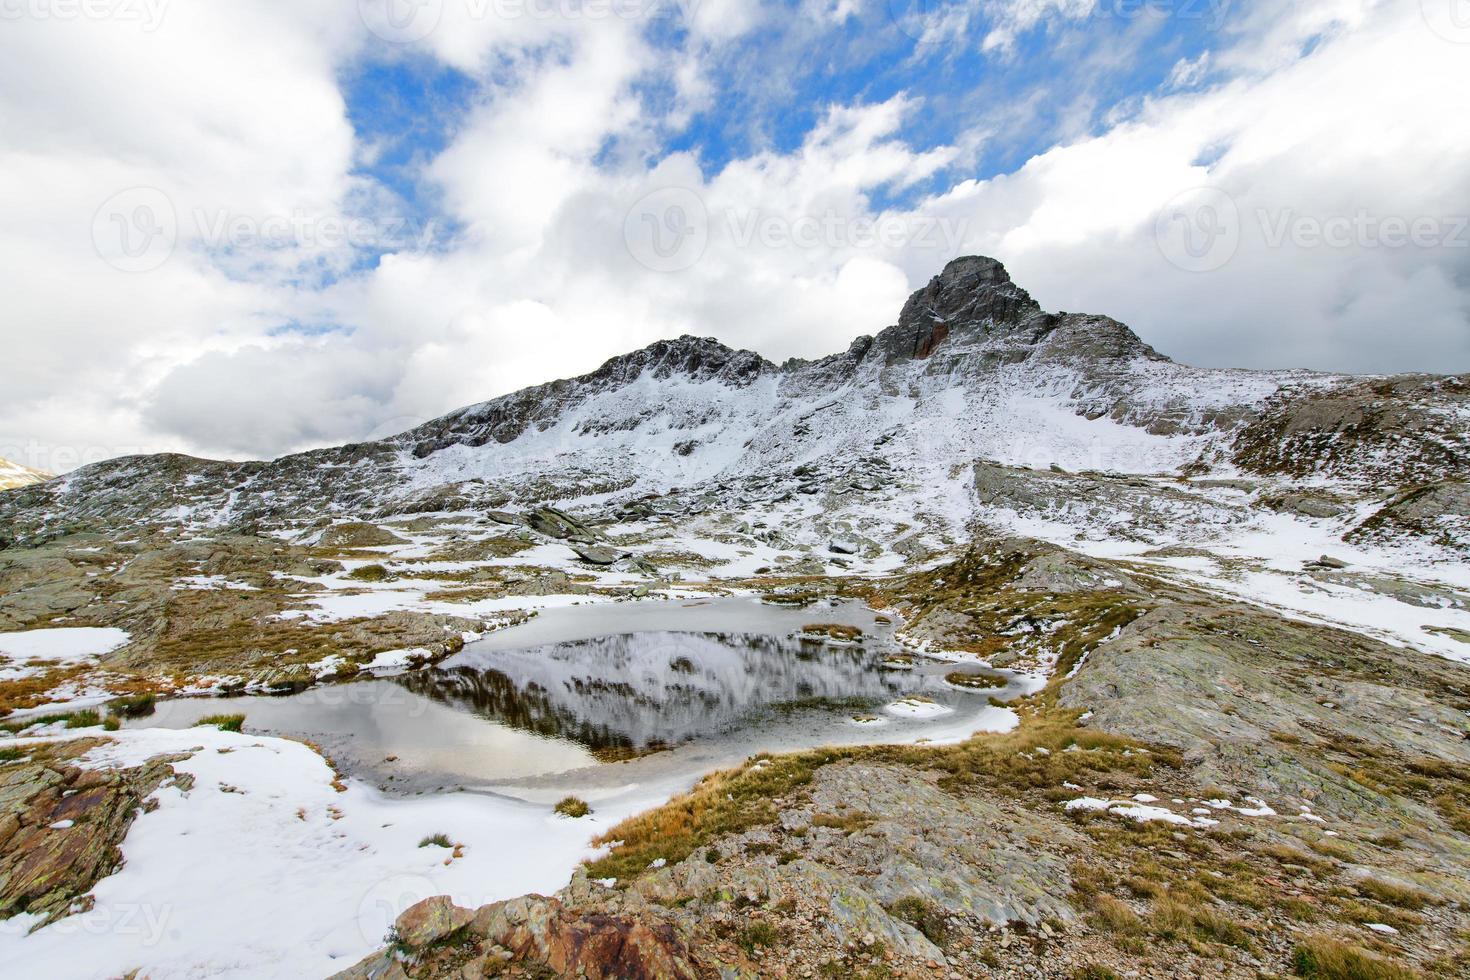 paesaggio di montagna all'inizio dell'autunno foto